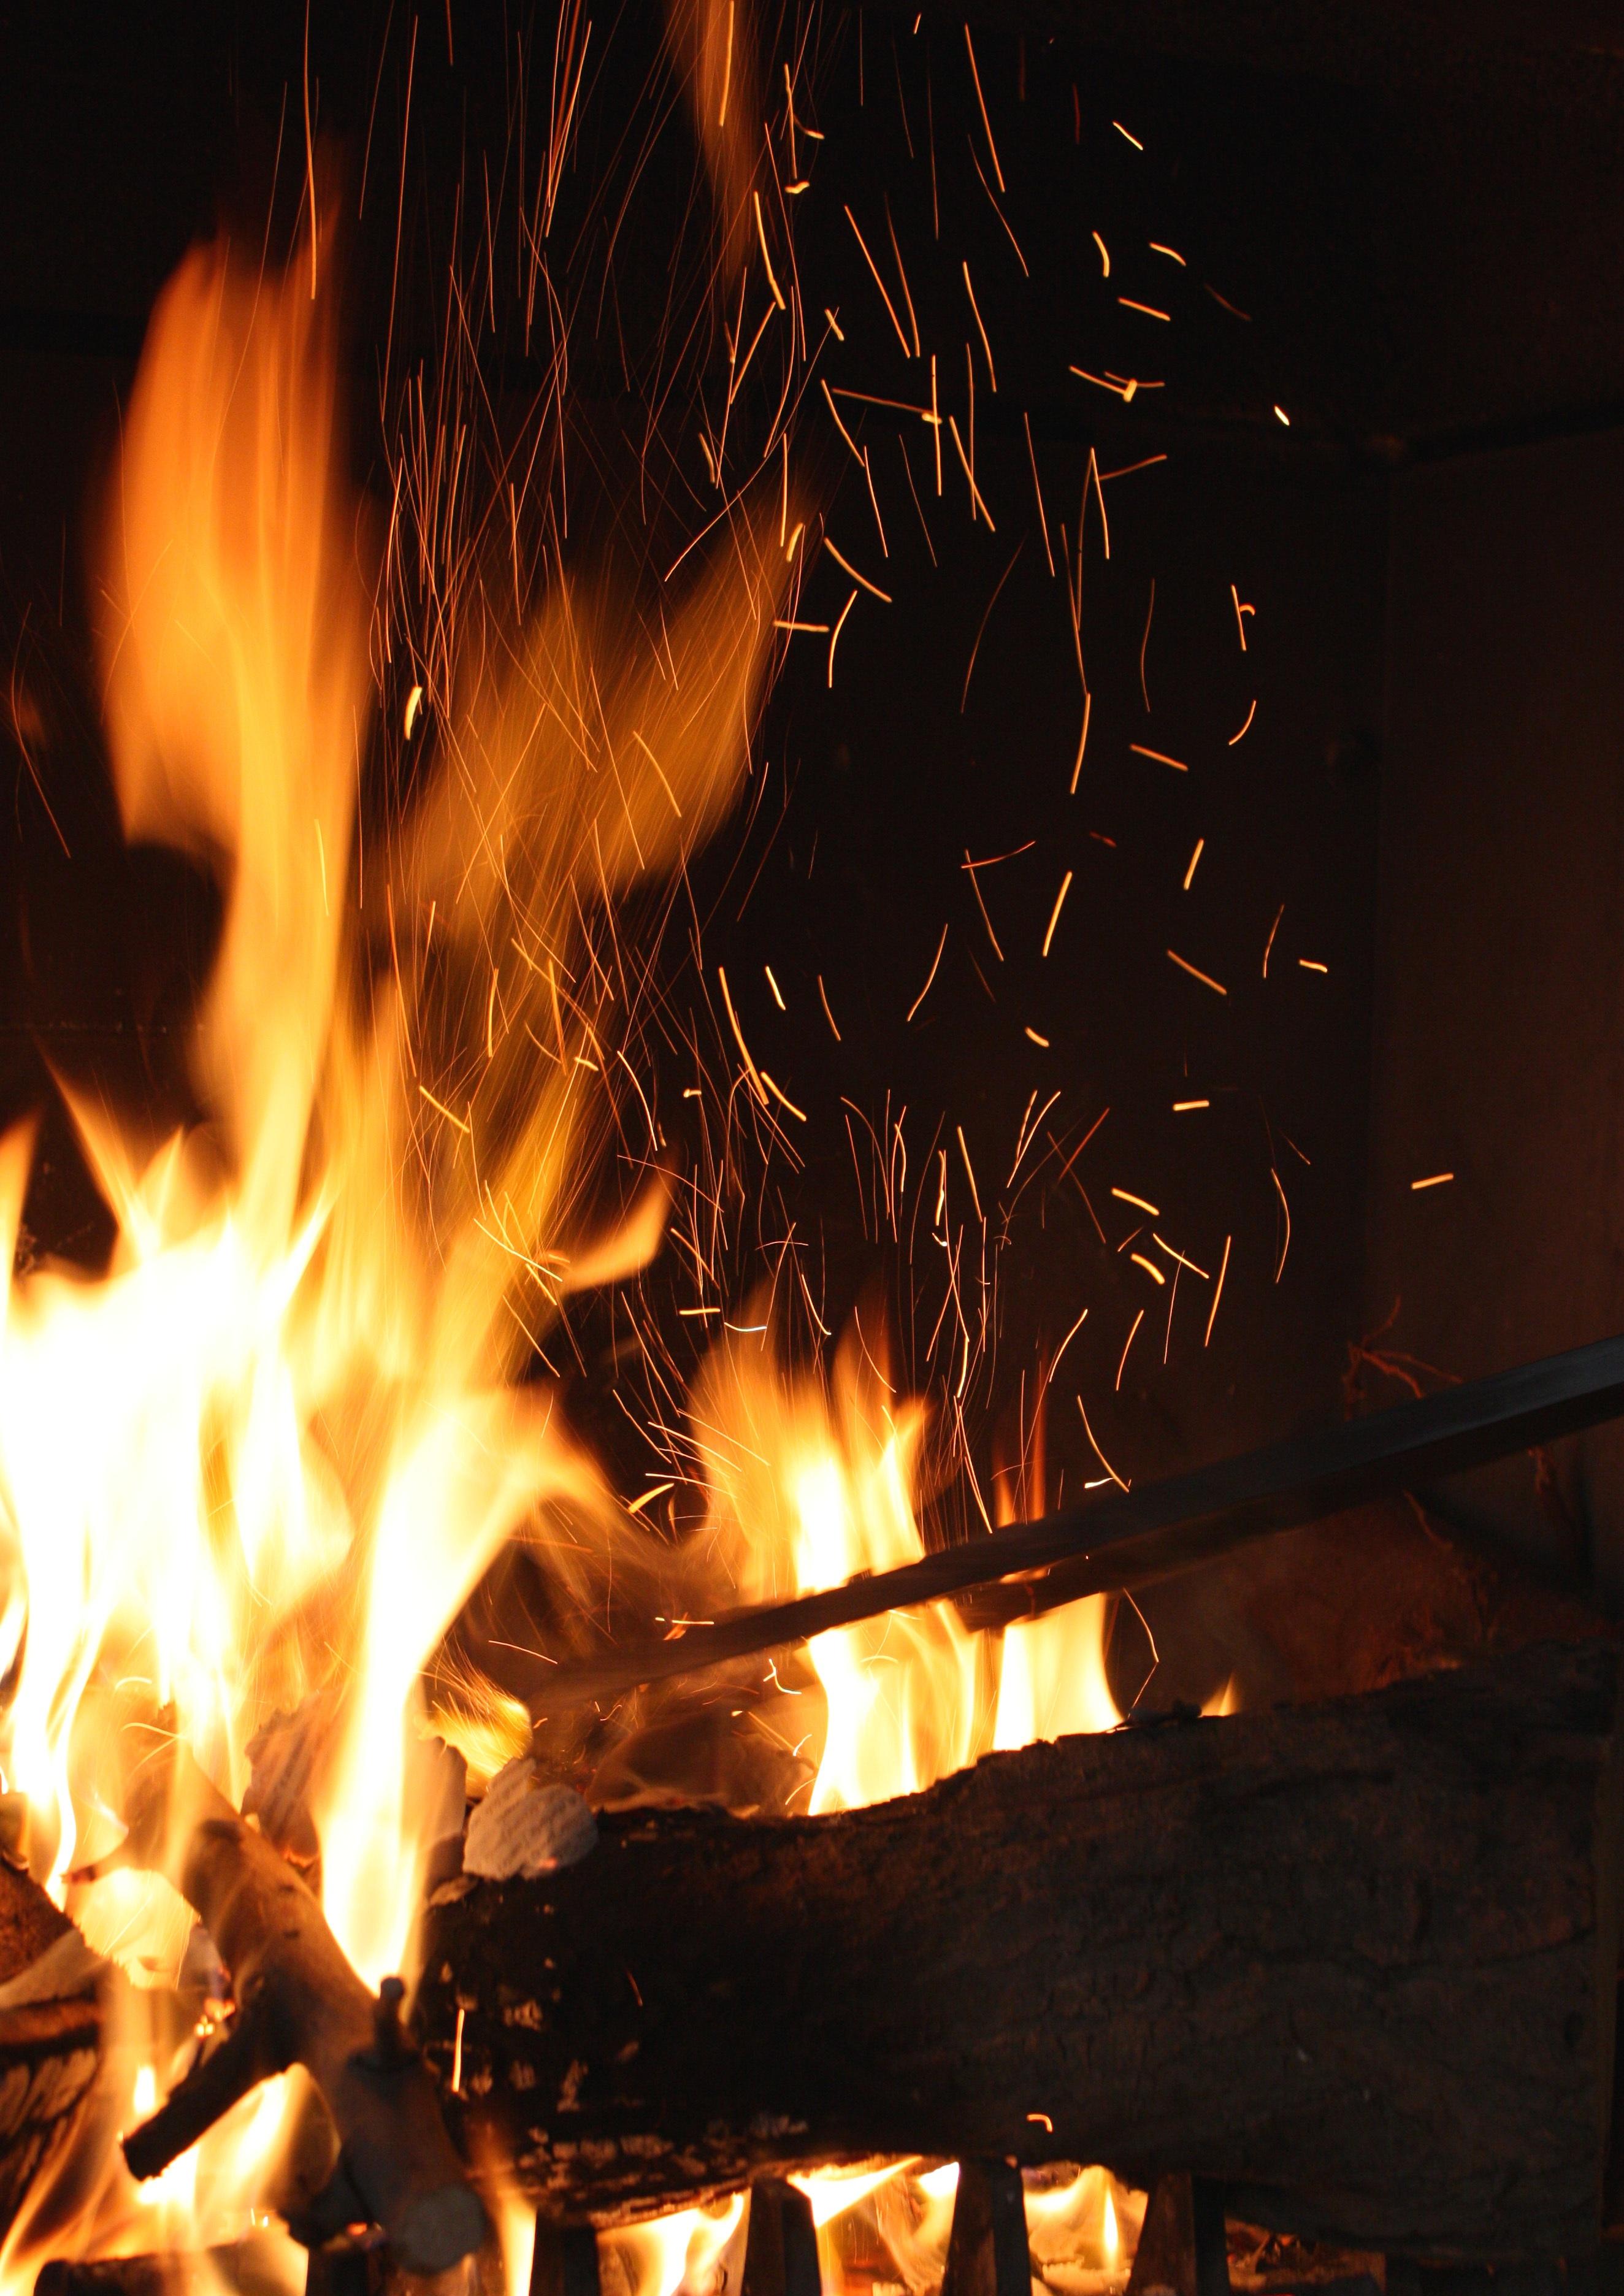 images gratuites lumi re nuit atmosph re flamme chemin e obscurit feu de camp feu. Black Bedroom Furniture Sets. Home Design Ideas